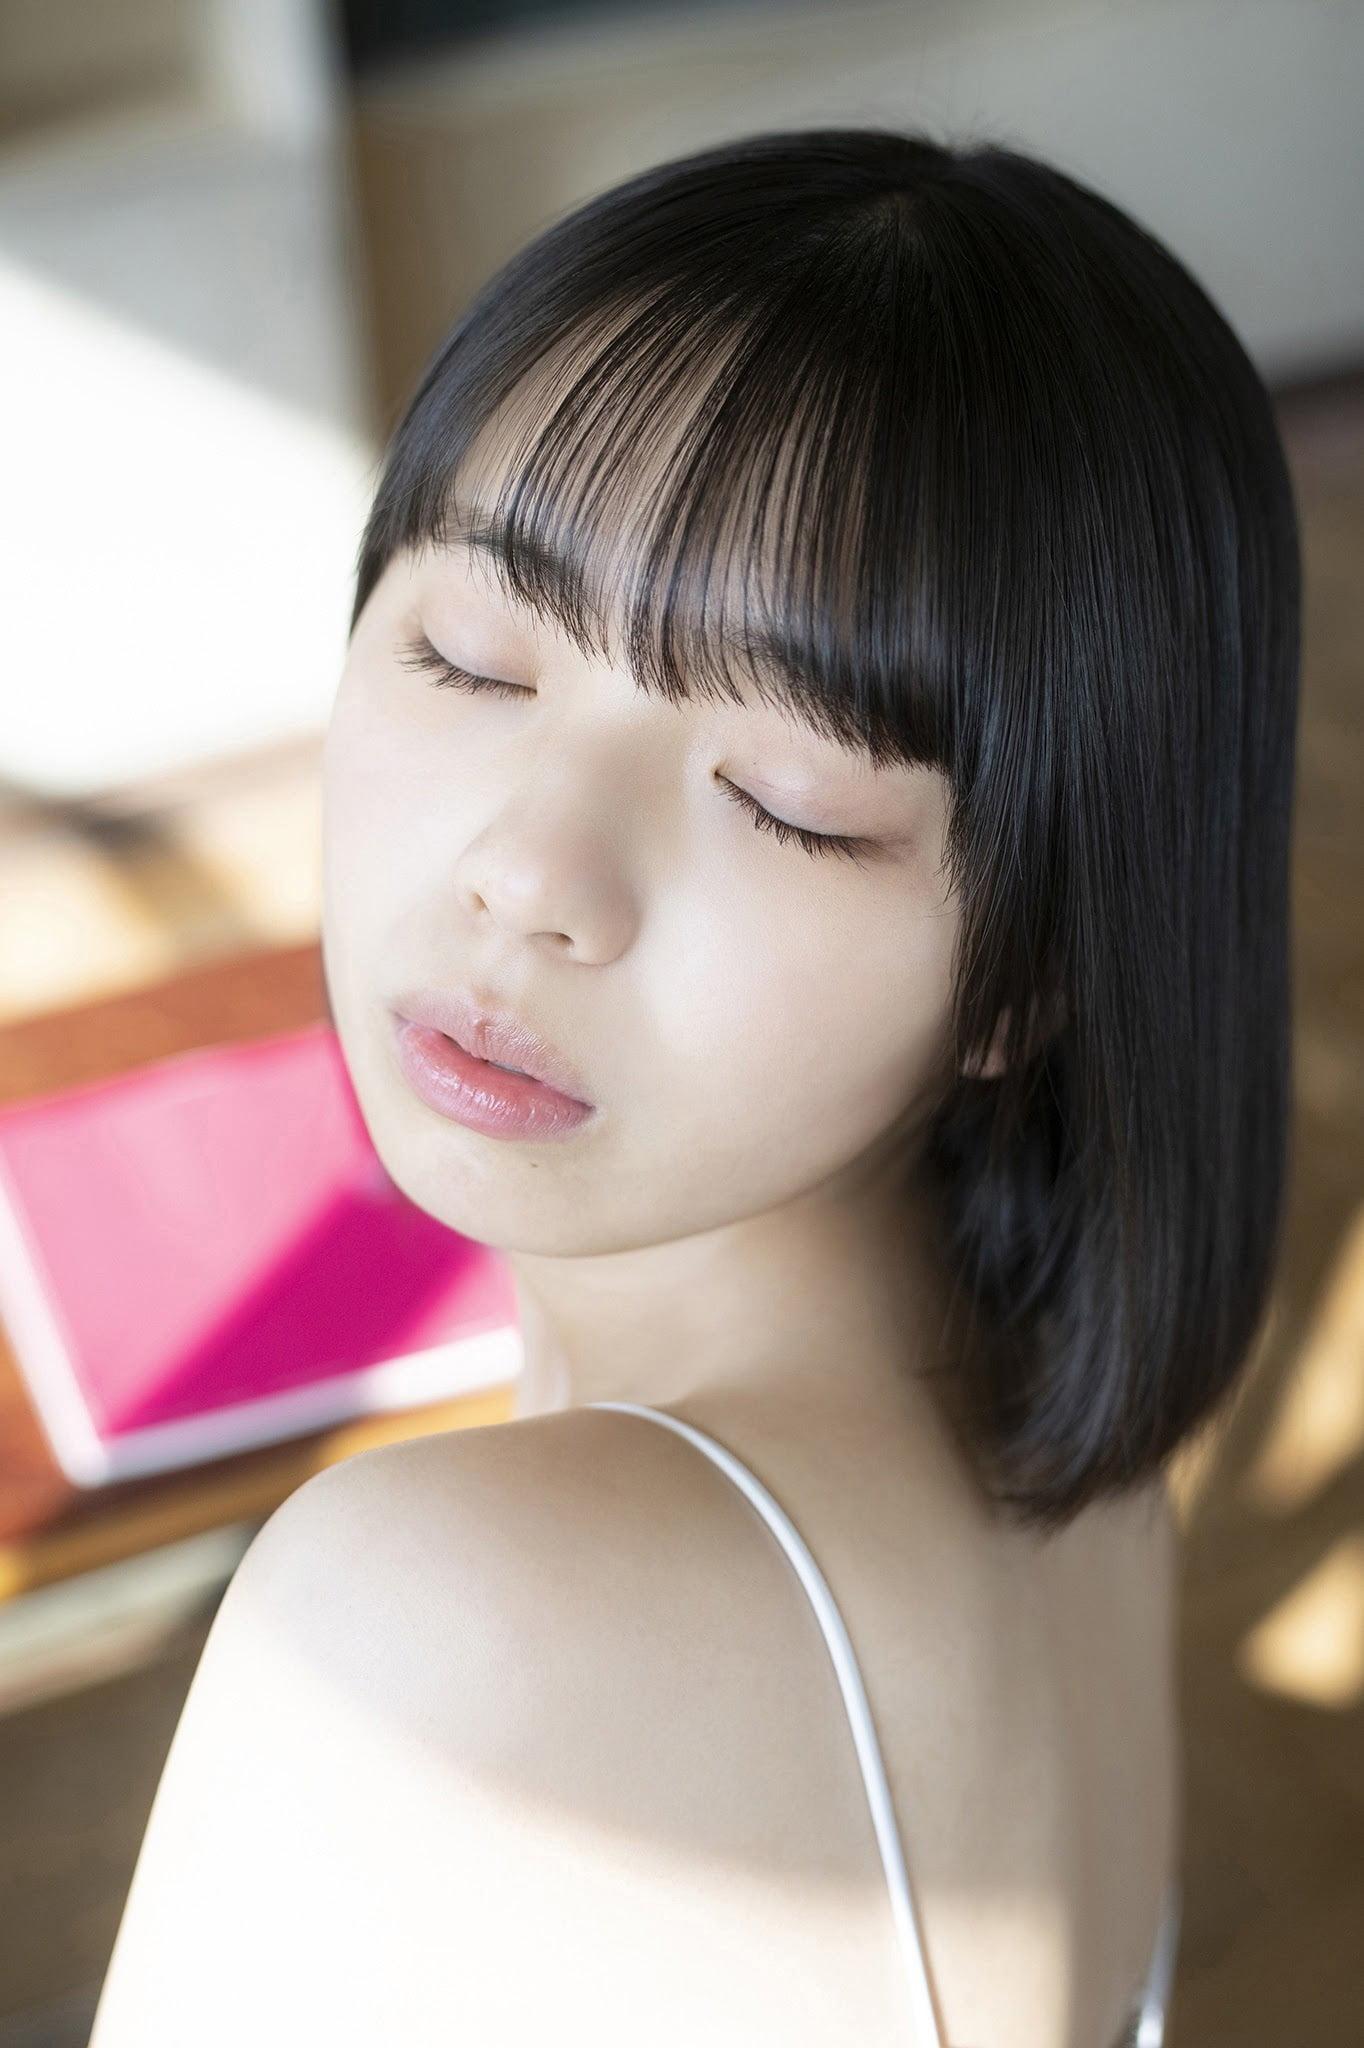 グラビアアイドル写真集 15歳とは思えない均整の取れたスタイルの菊地姫奈高画質グラビア画像まとめ2 100枚